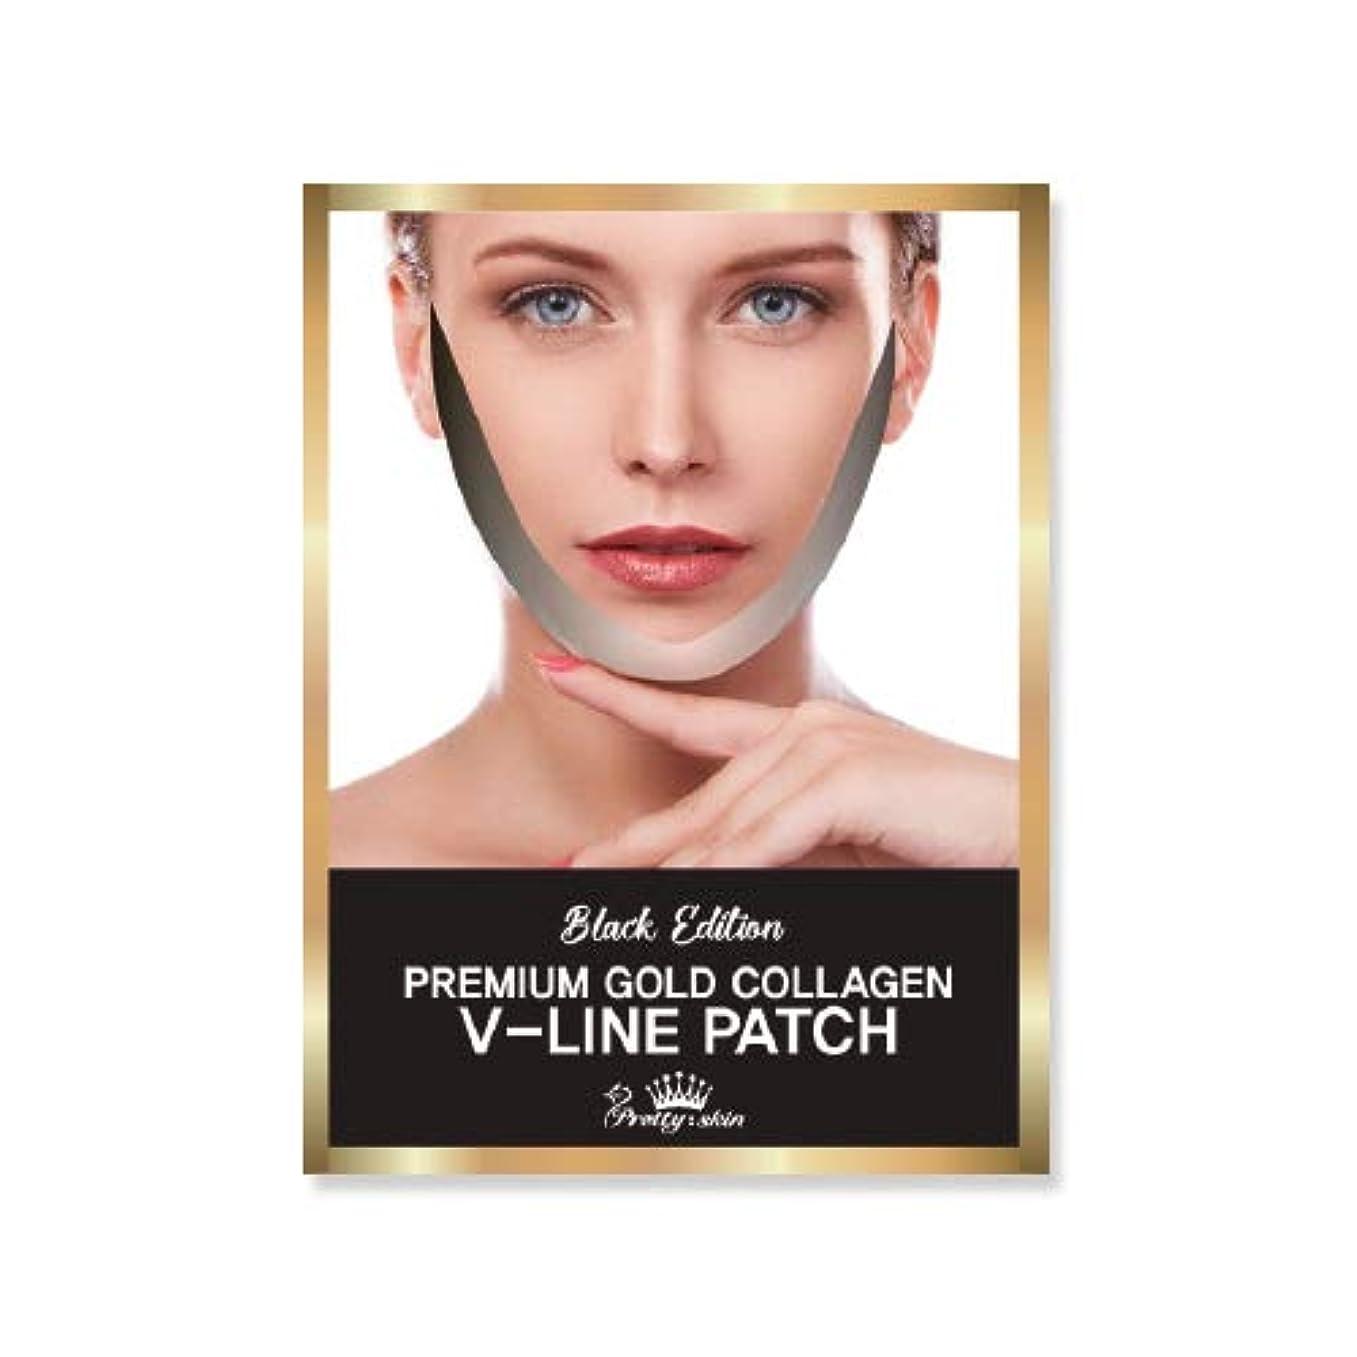 不調和暗い正当なpretty skin プリティスキン V-LINE PATCH ブイラインパッチ リフトアップ マスク (5枚組, ブラック)